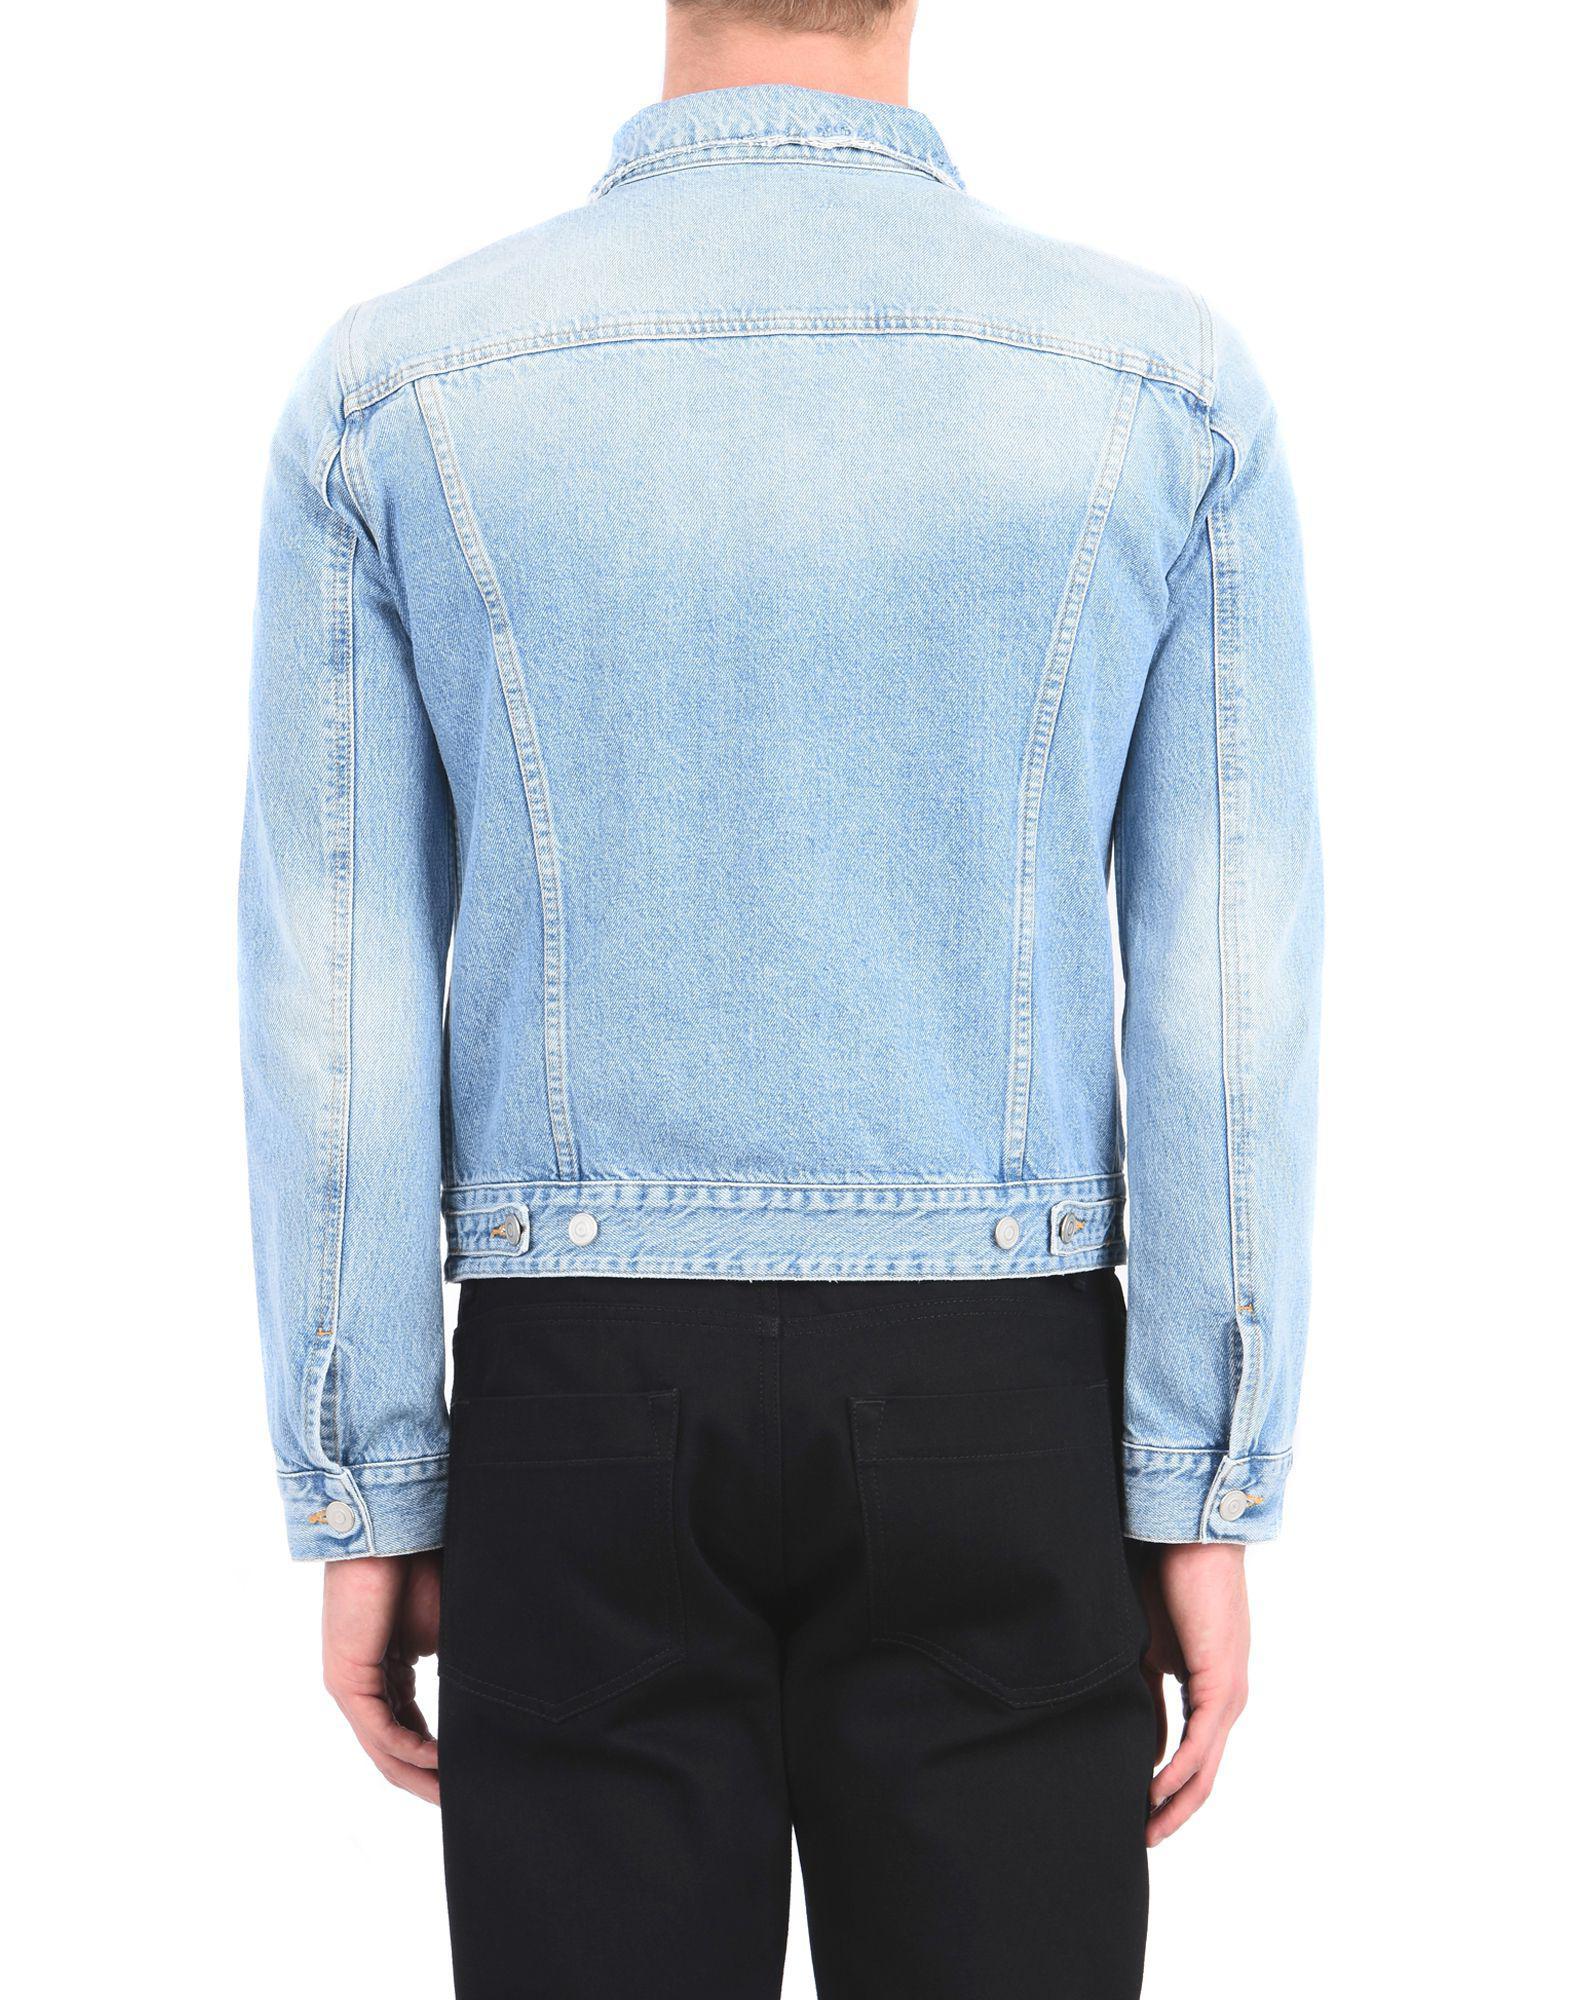 d5e9d8898ff5 Lyst - Manteau en jean Harmony Paris pour homme en coloris Bleu